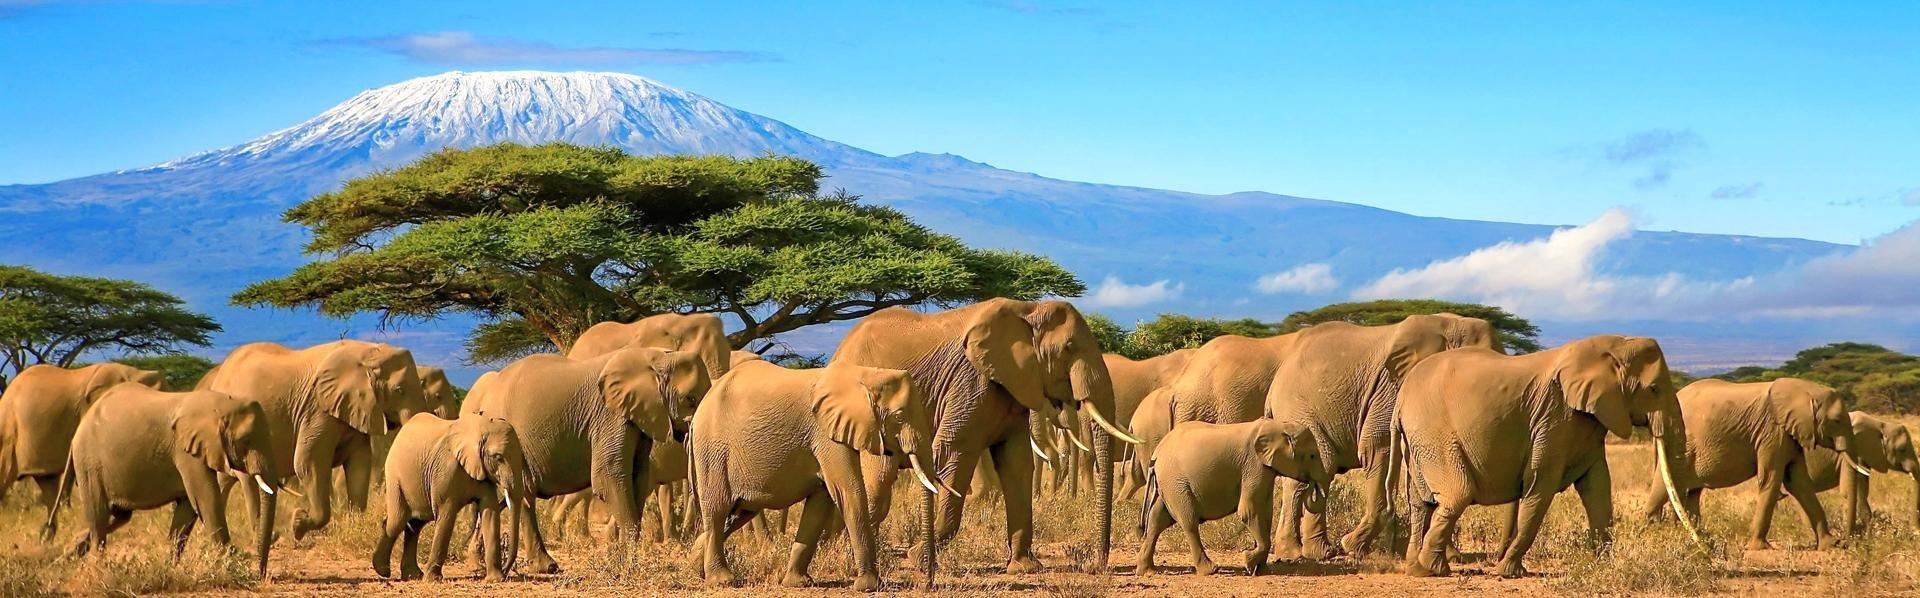 Uitzicht op de Kilimanjaro vanuit Tanzania, met olifanten